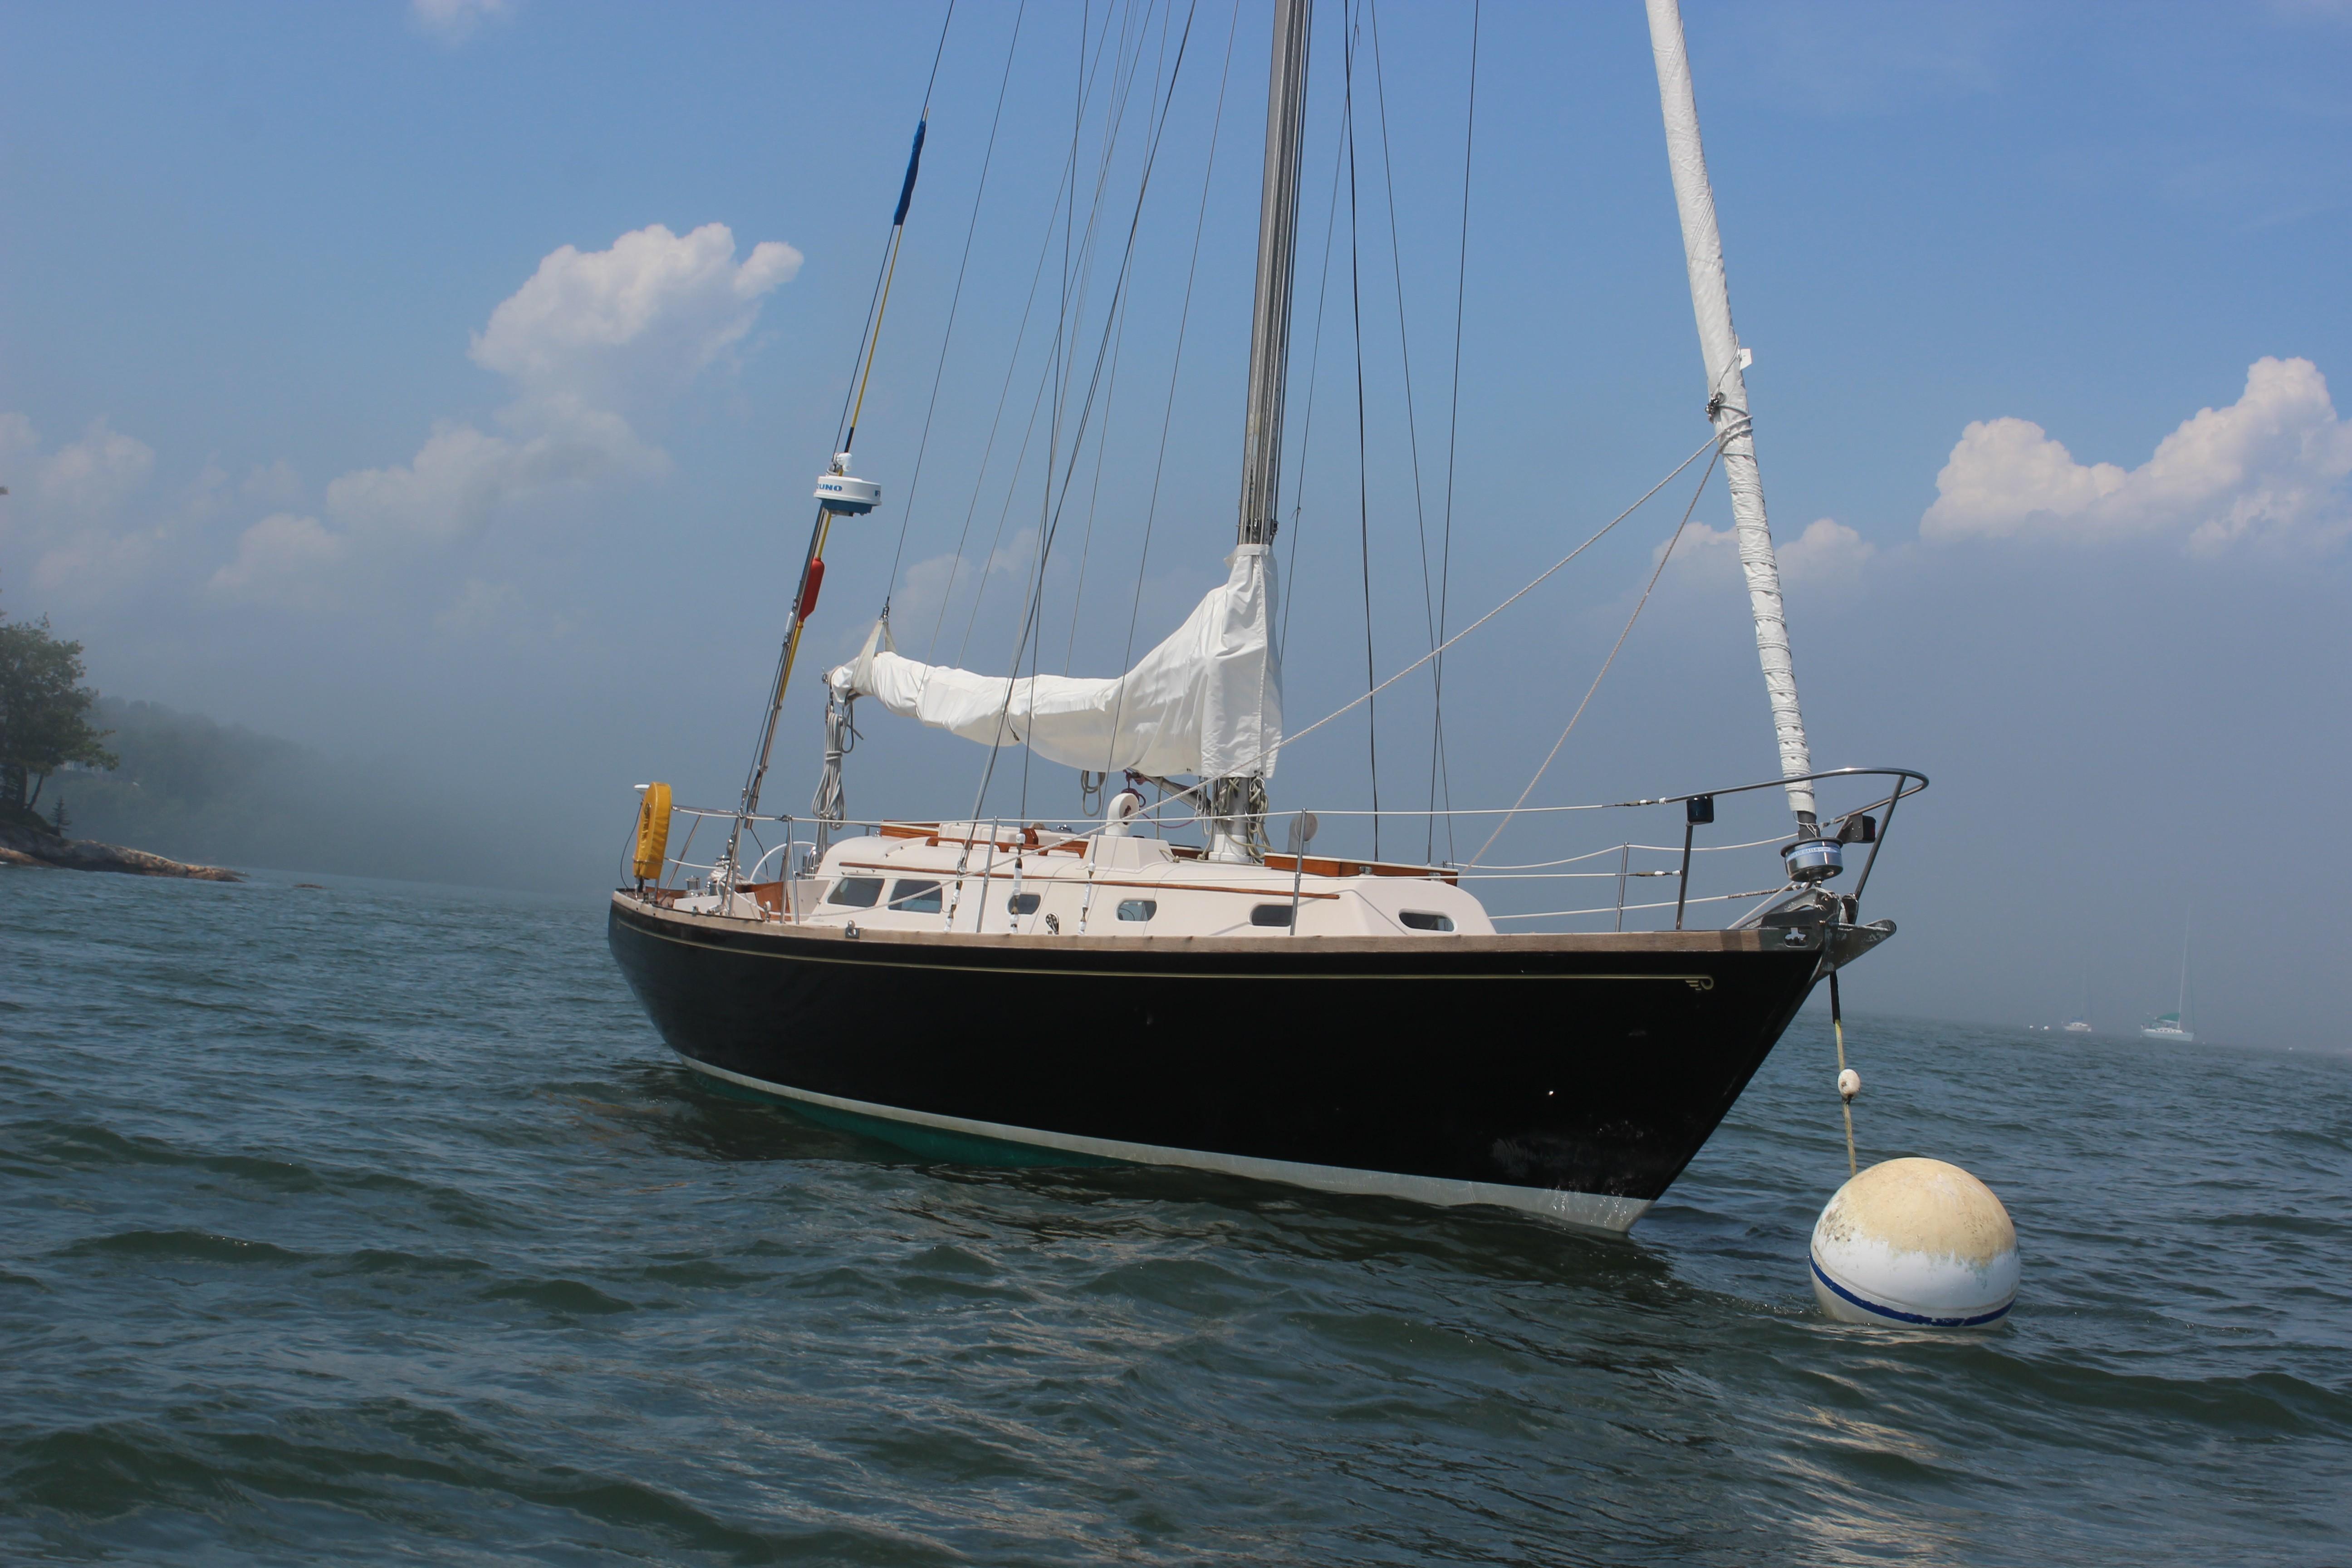 1970 Hinckley 38 Sail Boat For Sale Wwwyachtworldcom